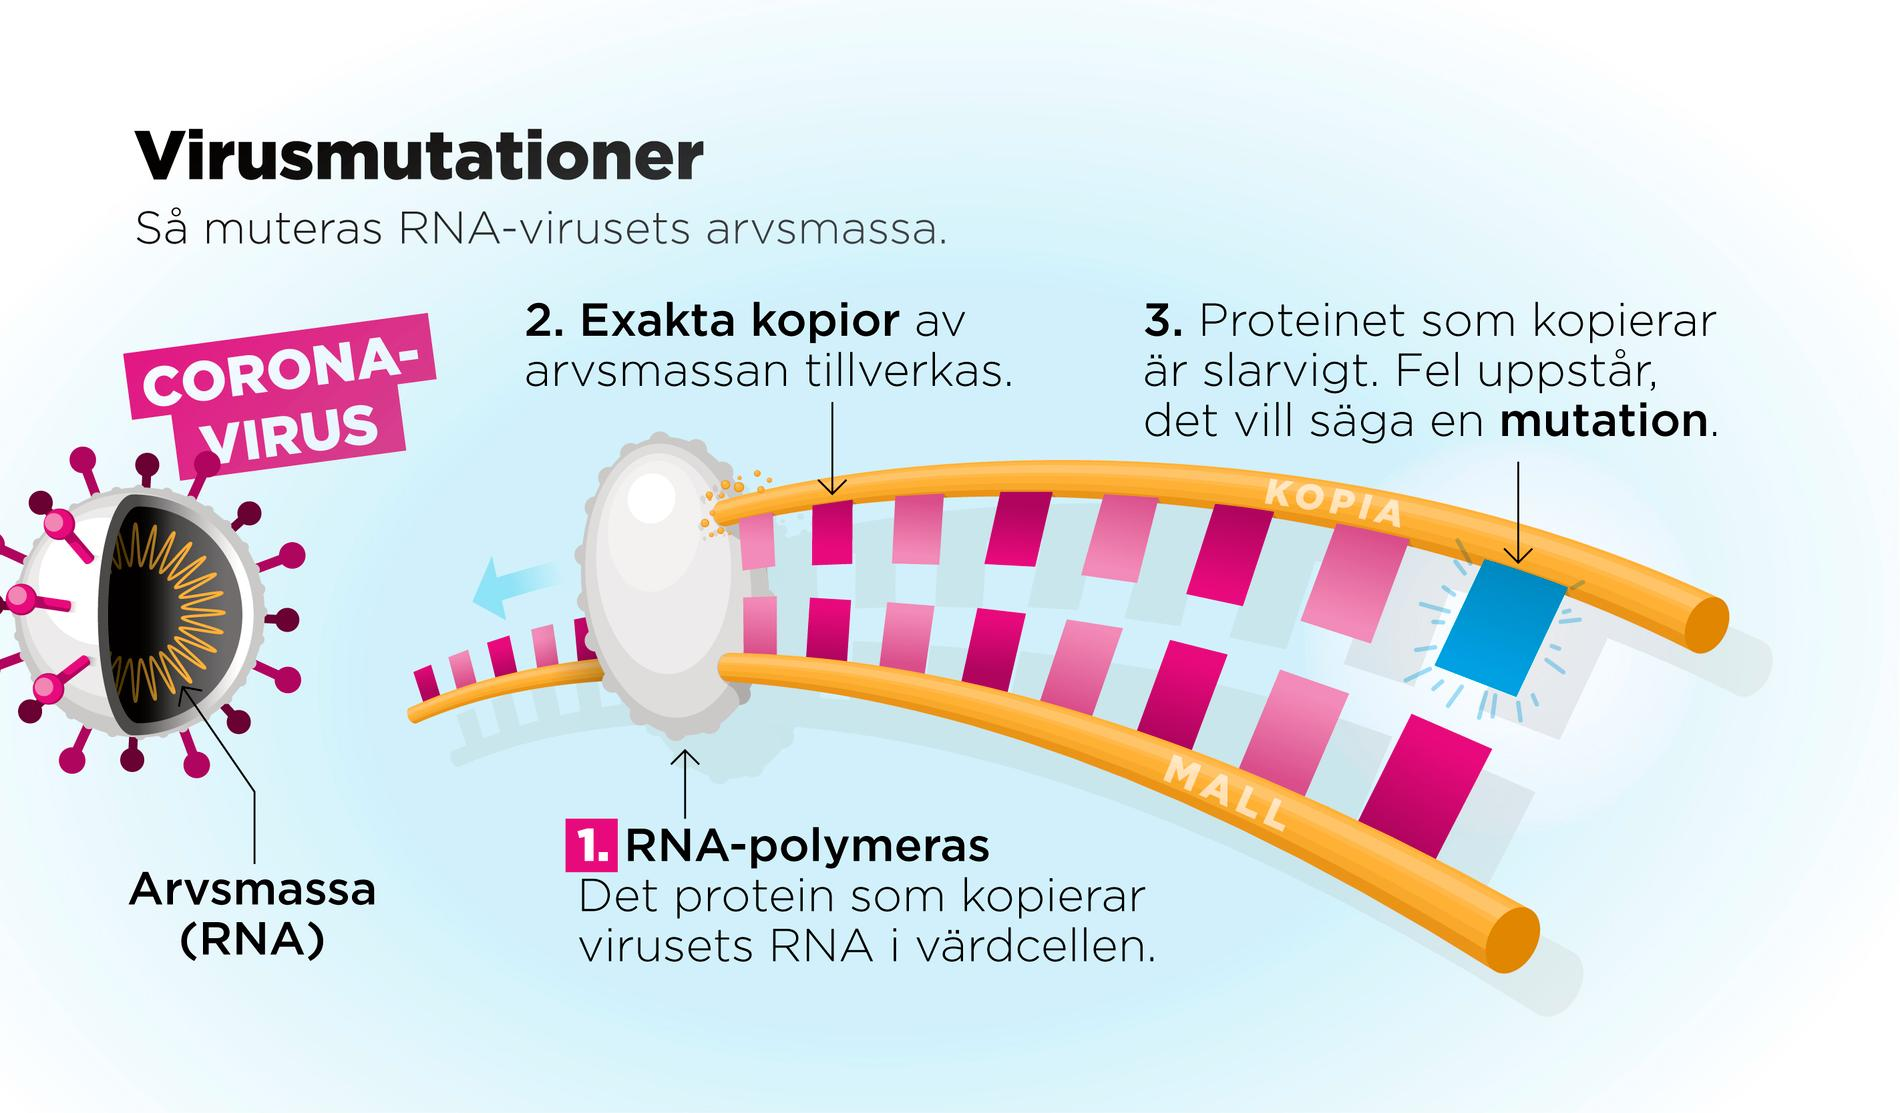 Coronaviruset är ett så kallat RNA-virus. I dessa virus består arvsmassan av RNA. När virusets protein misslyckas med att kopiera arvsmassan uppstår en mutation.